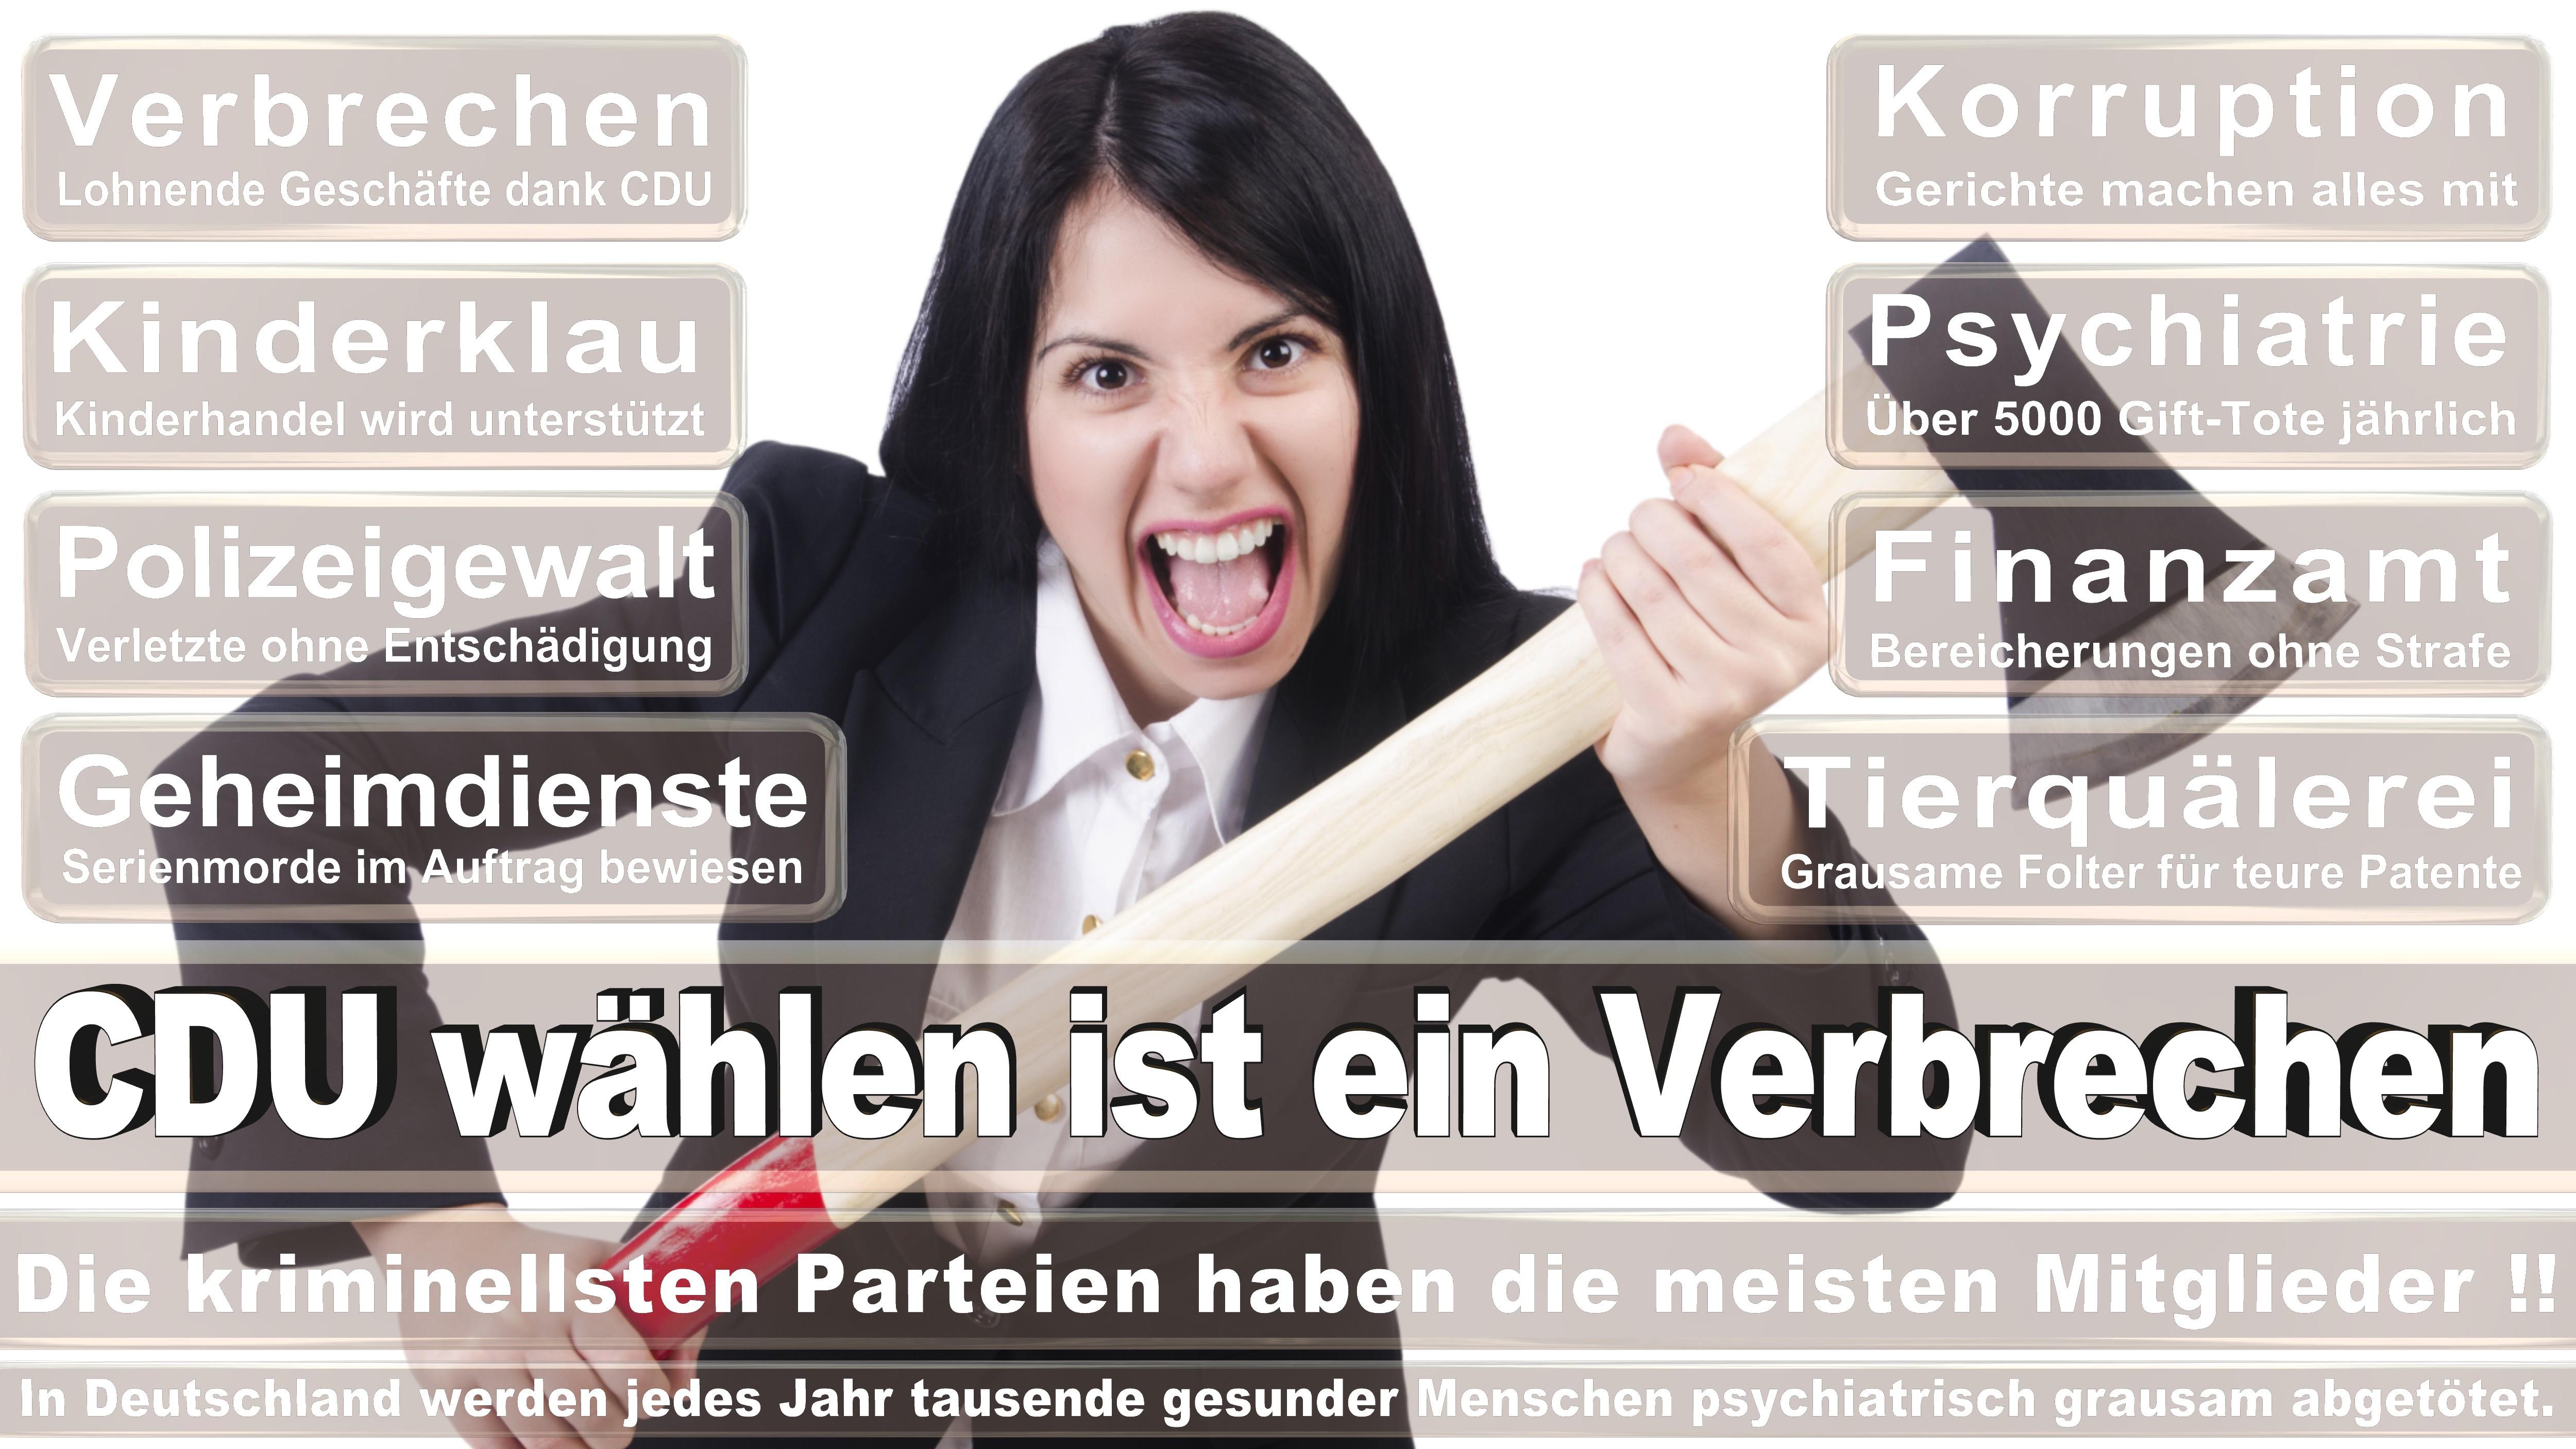 Hilde Mattheis SPD Baden Württemberg Politiker Deutschland